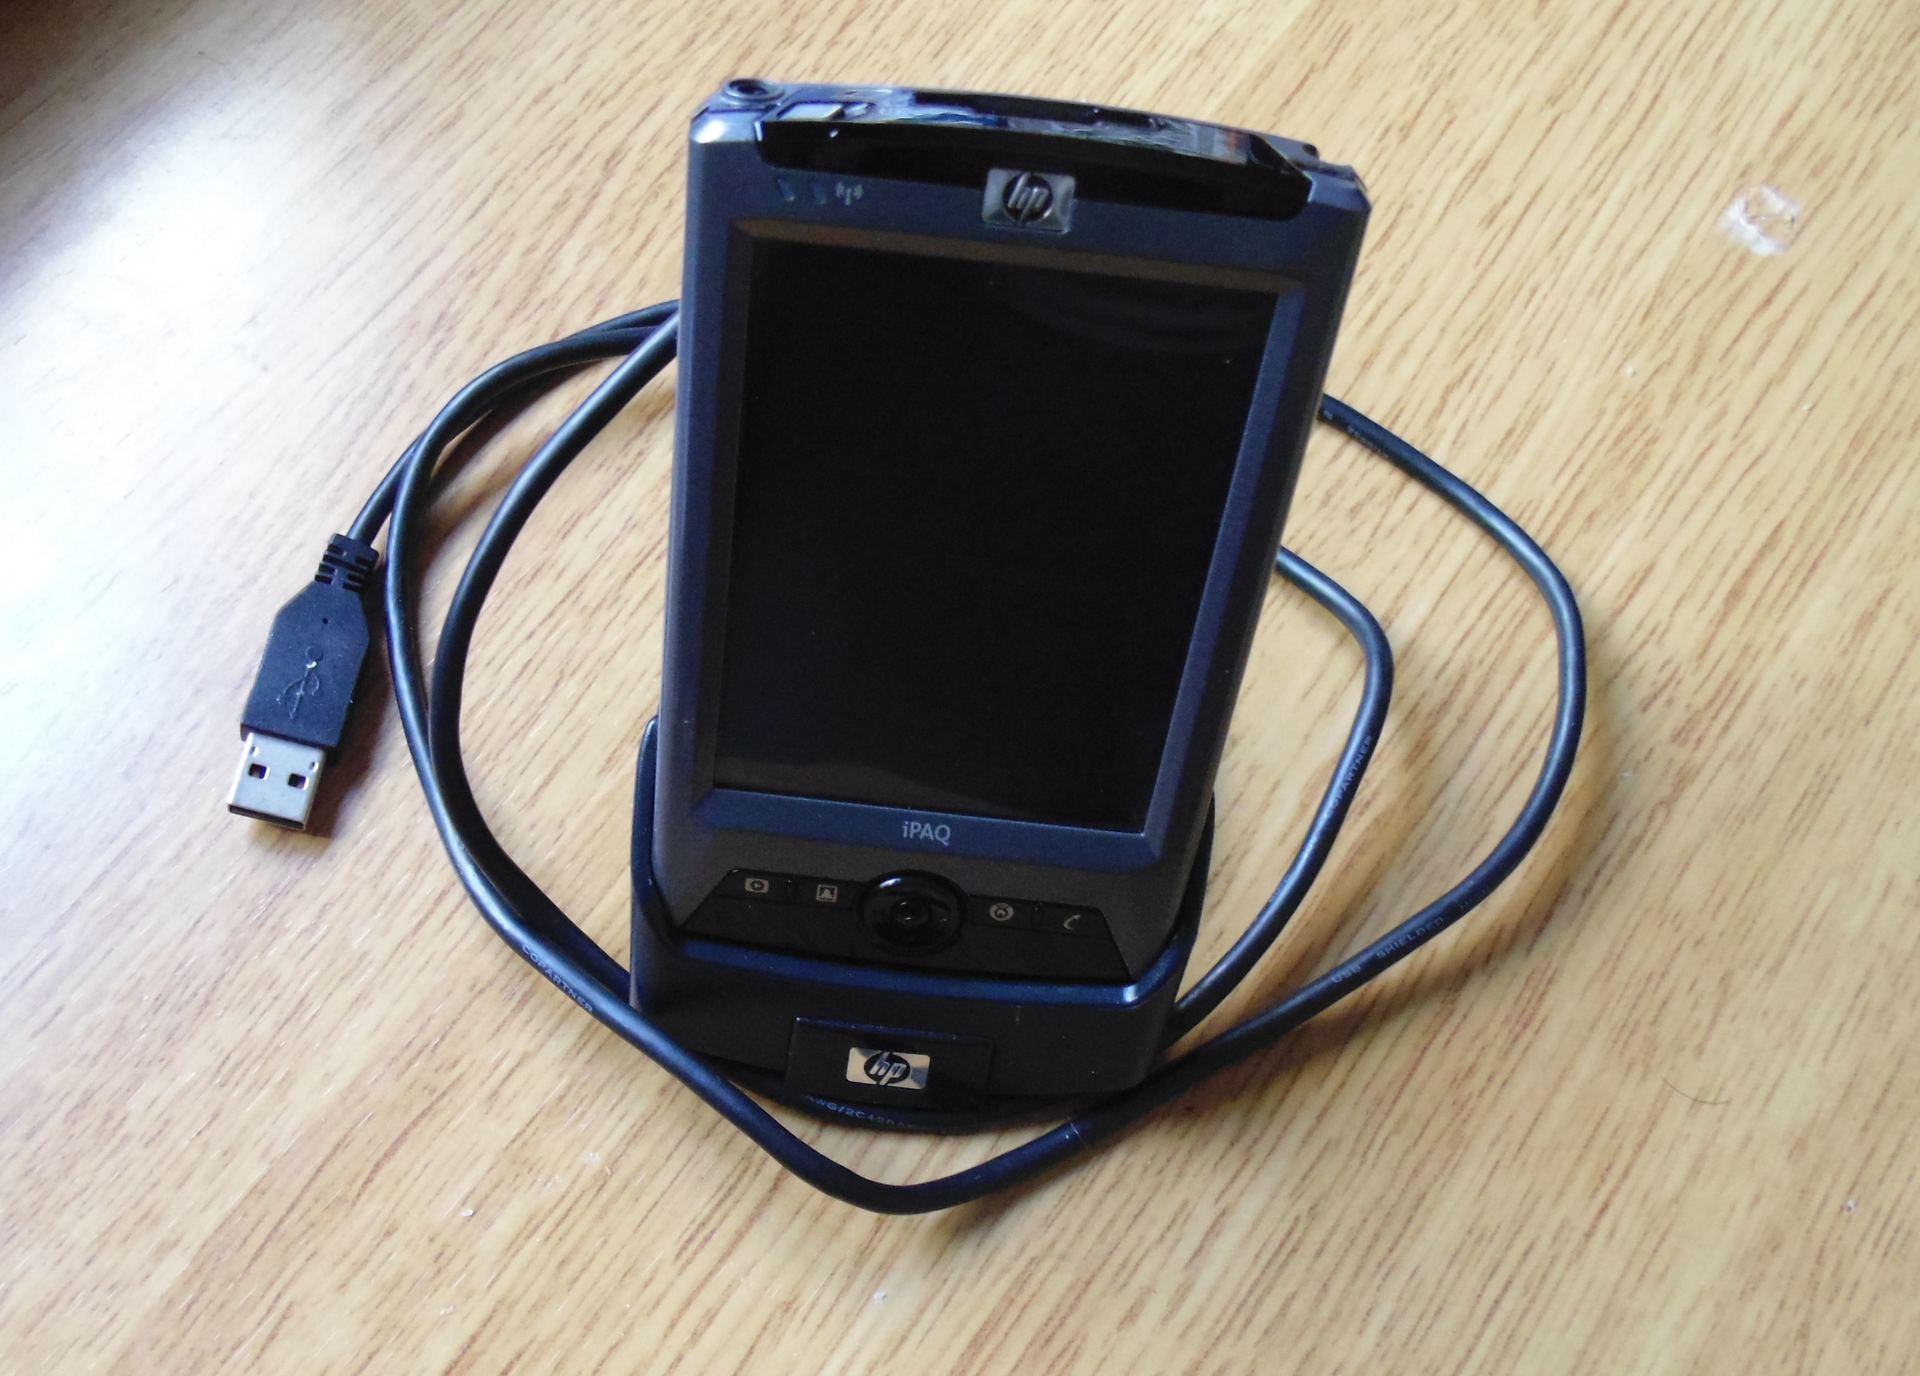 Попытка вернуть былое или КПК с барахолки. Часть 2, сага о КПК HP iPAQ rx3715 - 2